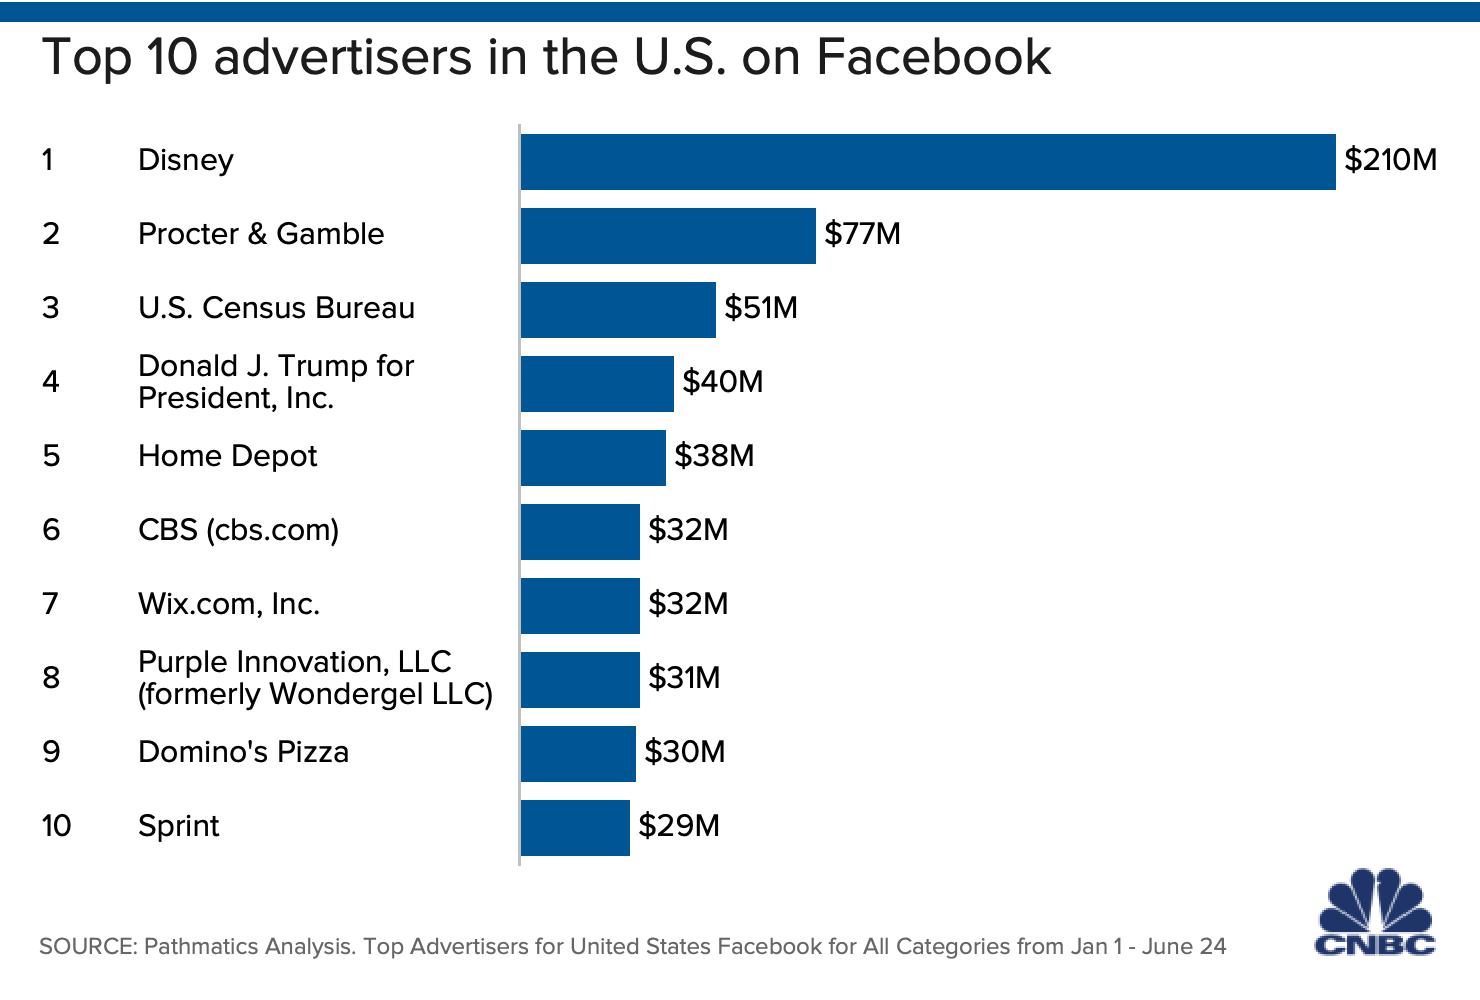 Mayores anunciantes en Facebook